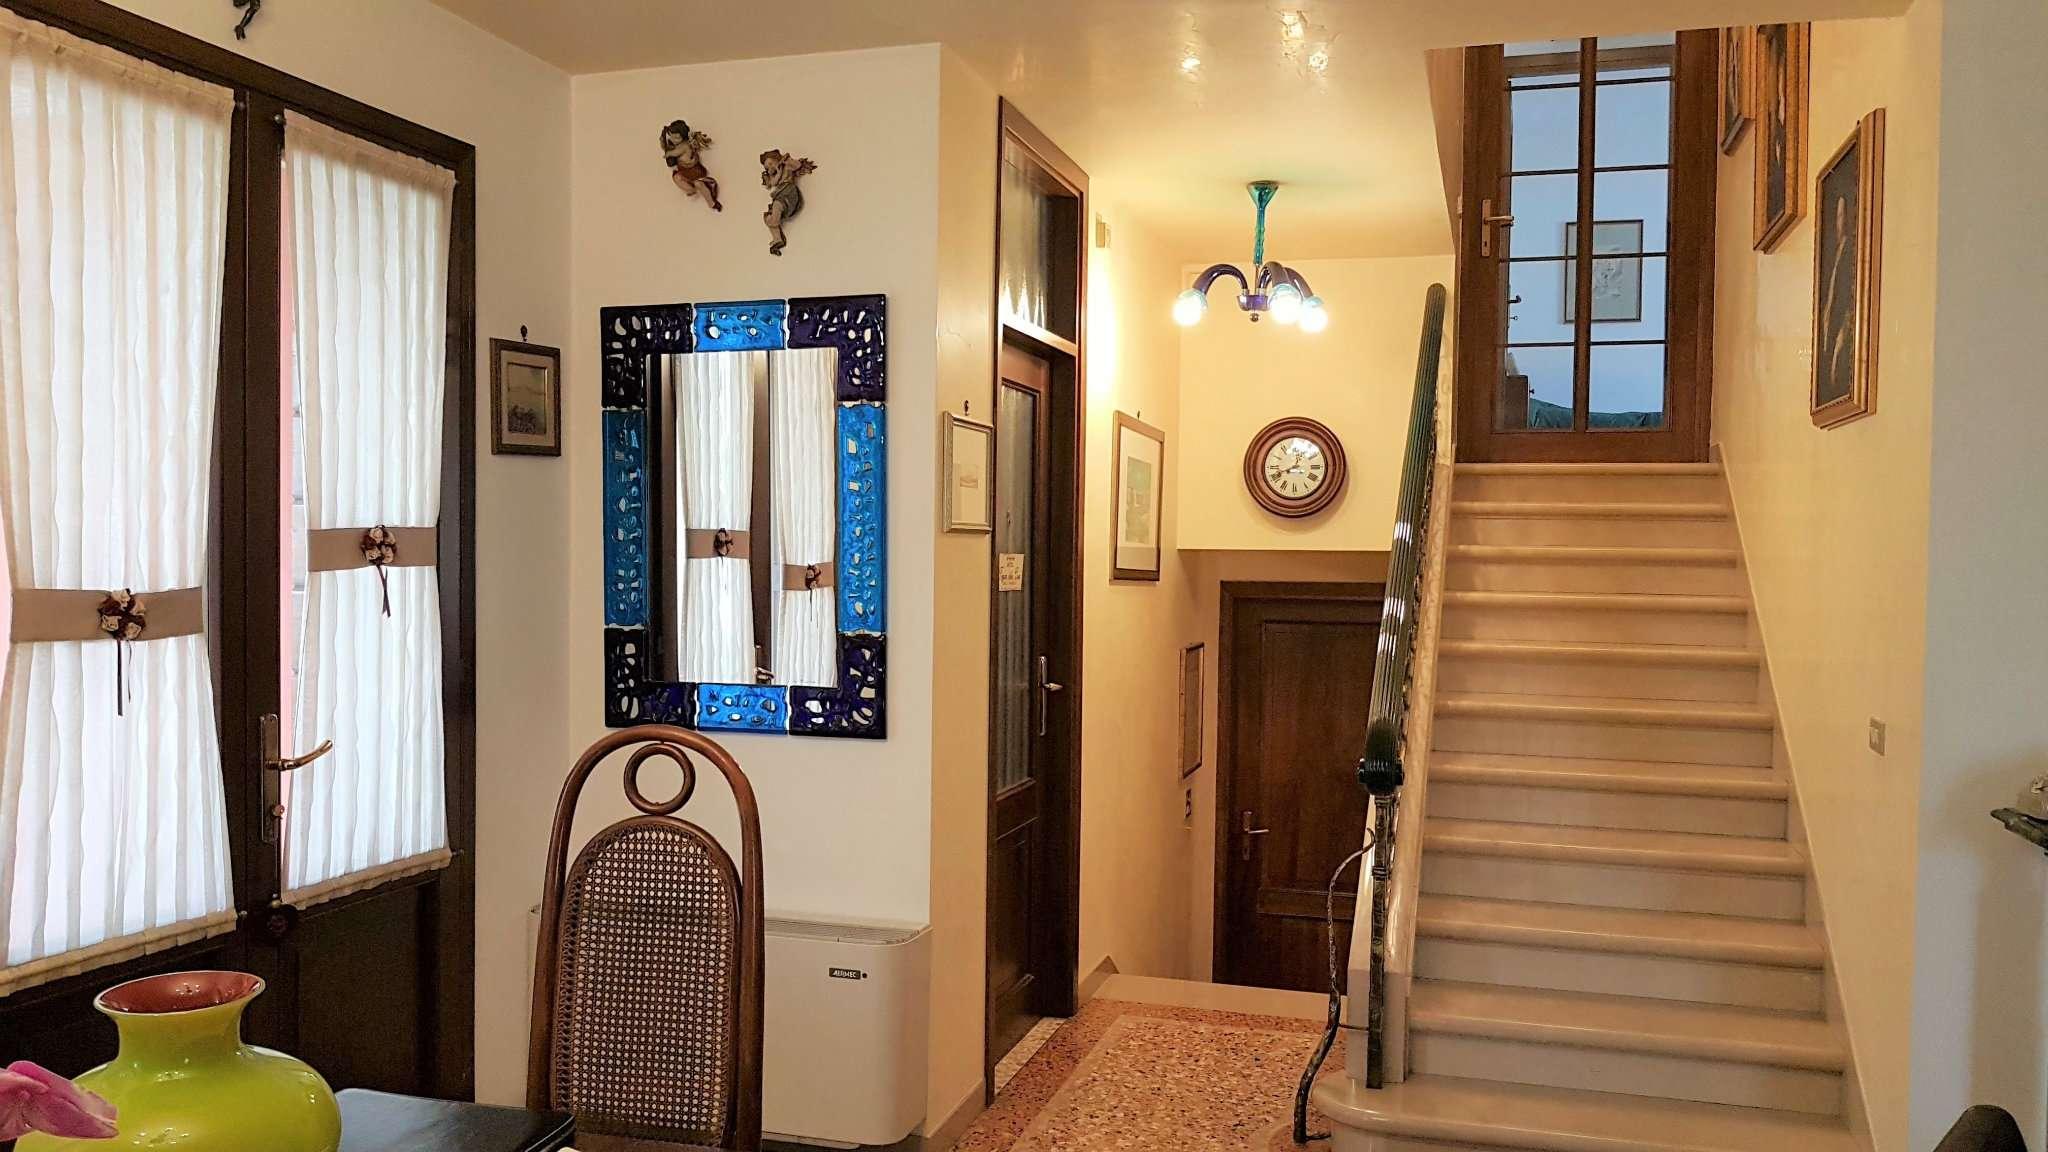 Soluzione Semindipendente in vendita a Santa Maria di Sala, 9999 locali, prezzo € 278.000 | CambioCasa.it